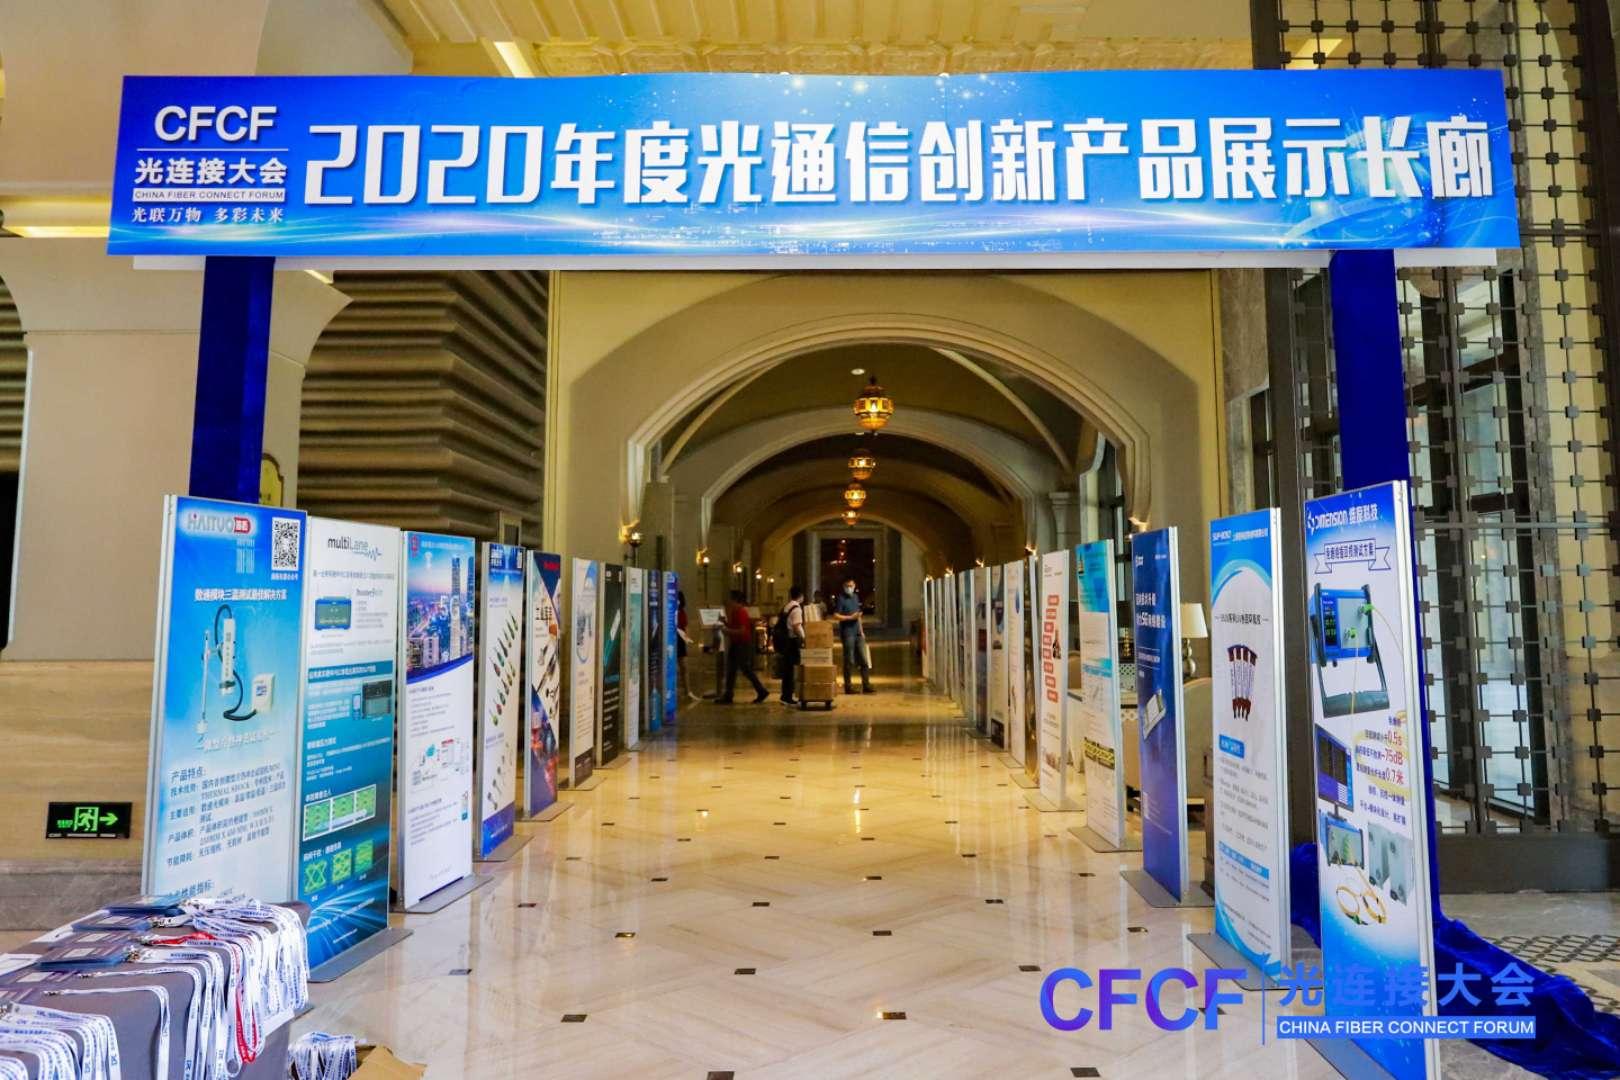 CFCF2020 | 年度创新产品展示长廊首秀